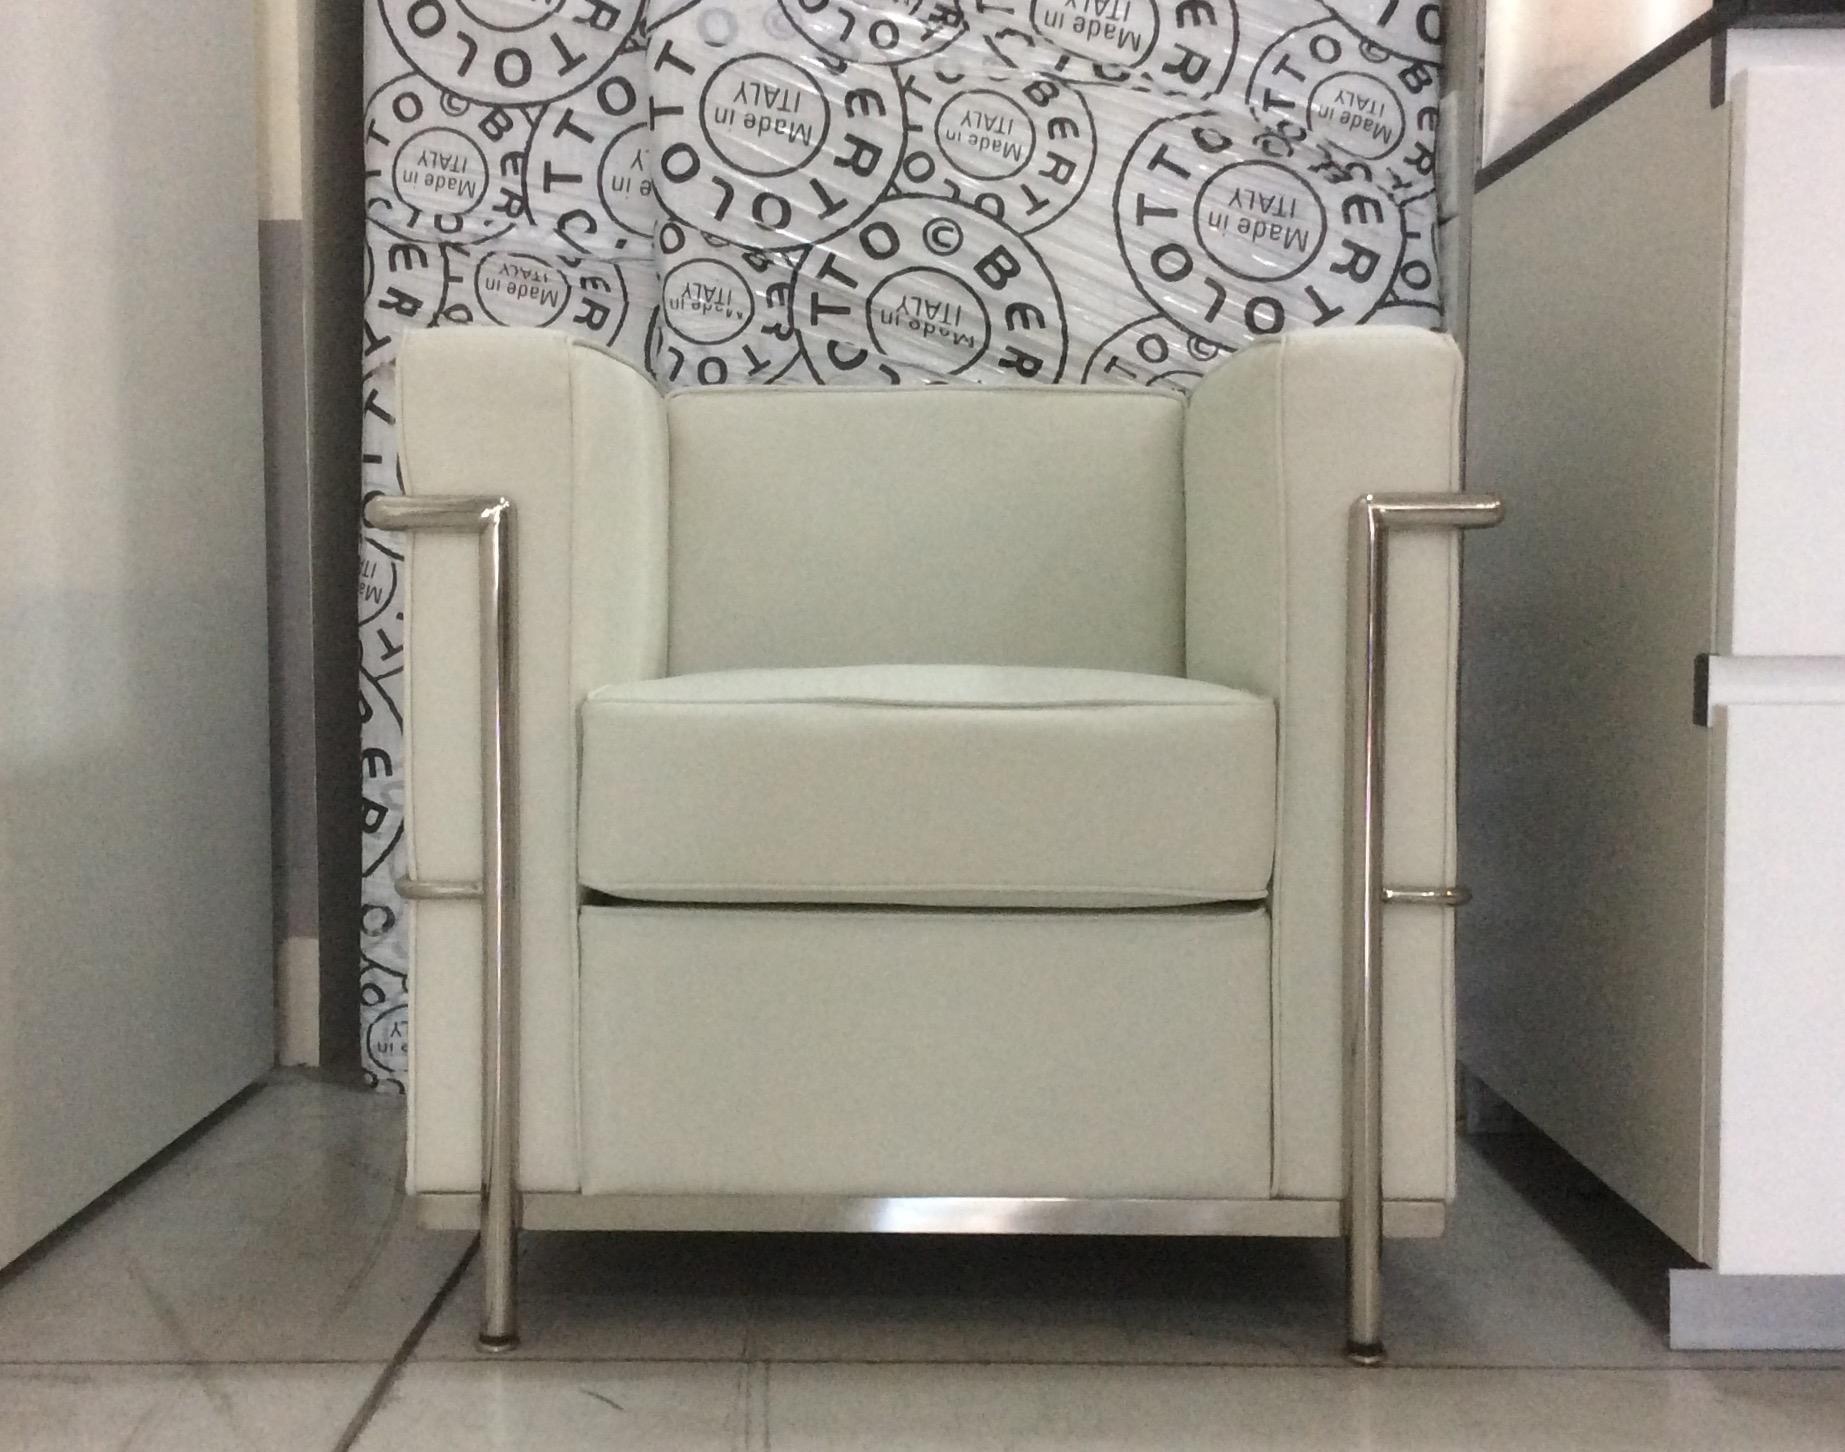 Sedia le corbusier prezzo fabulous chaise longue lc le corbusier with sedia le corbusier prezzo - Le corbusier sedia ...